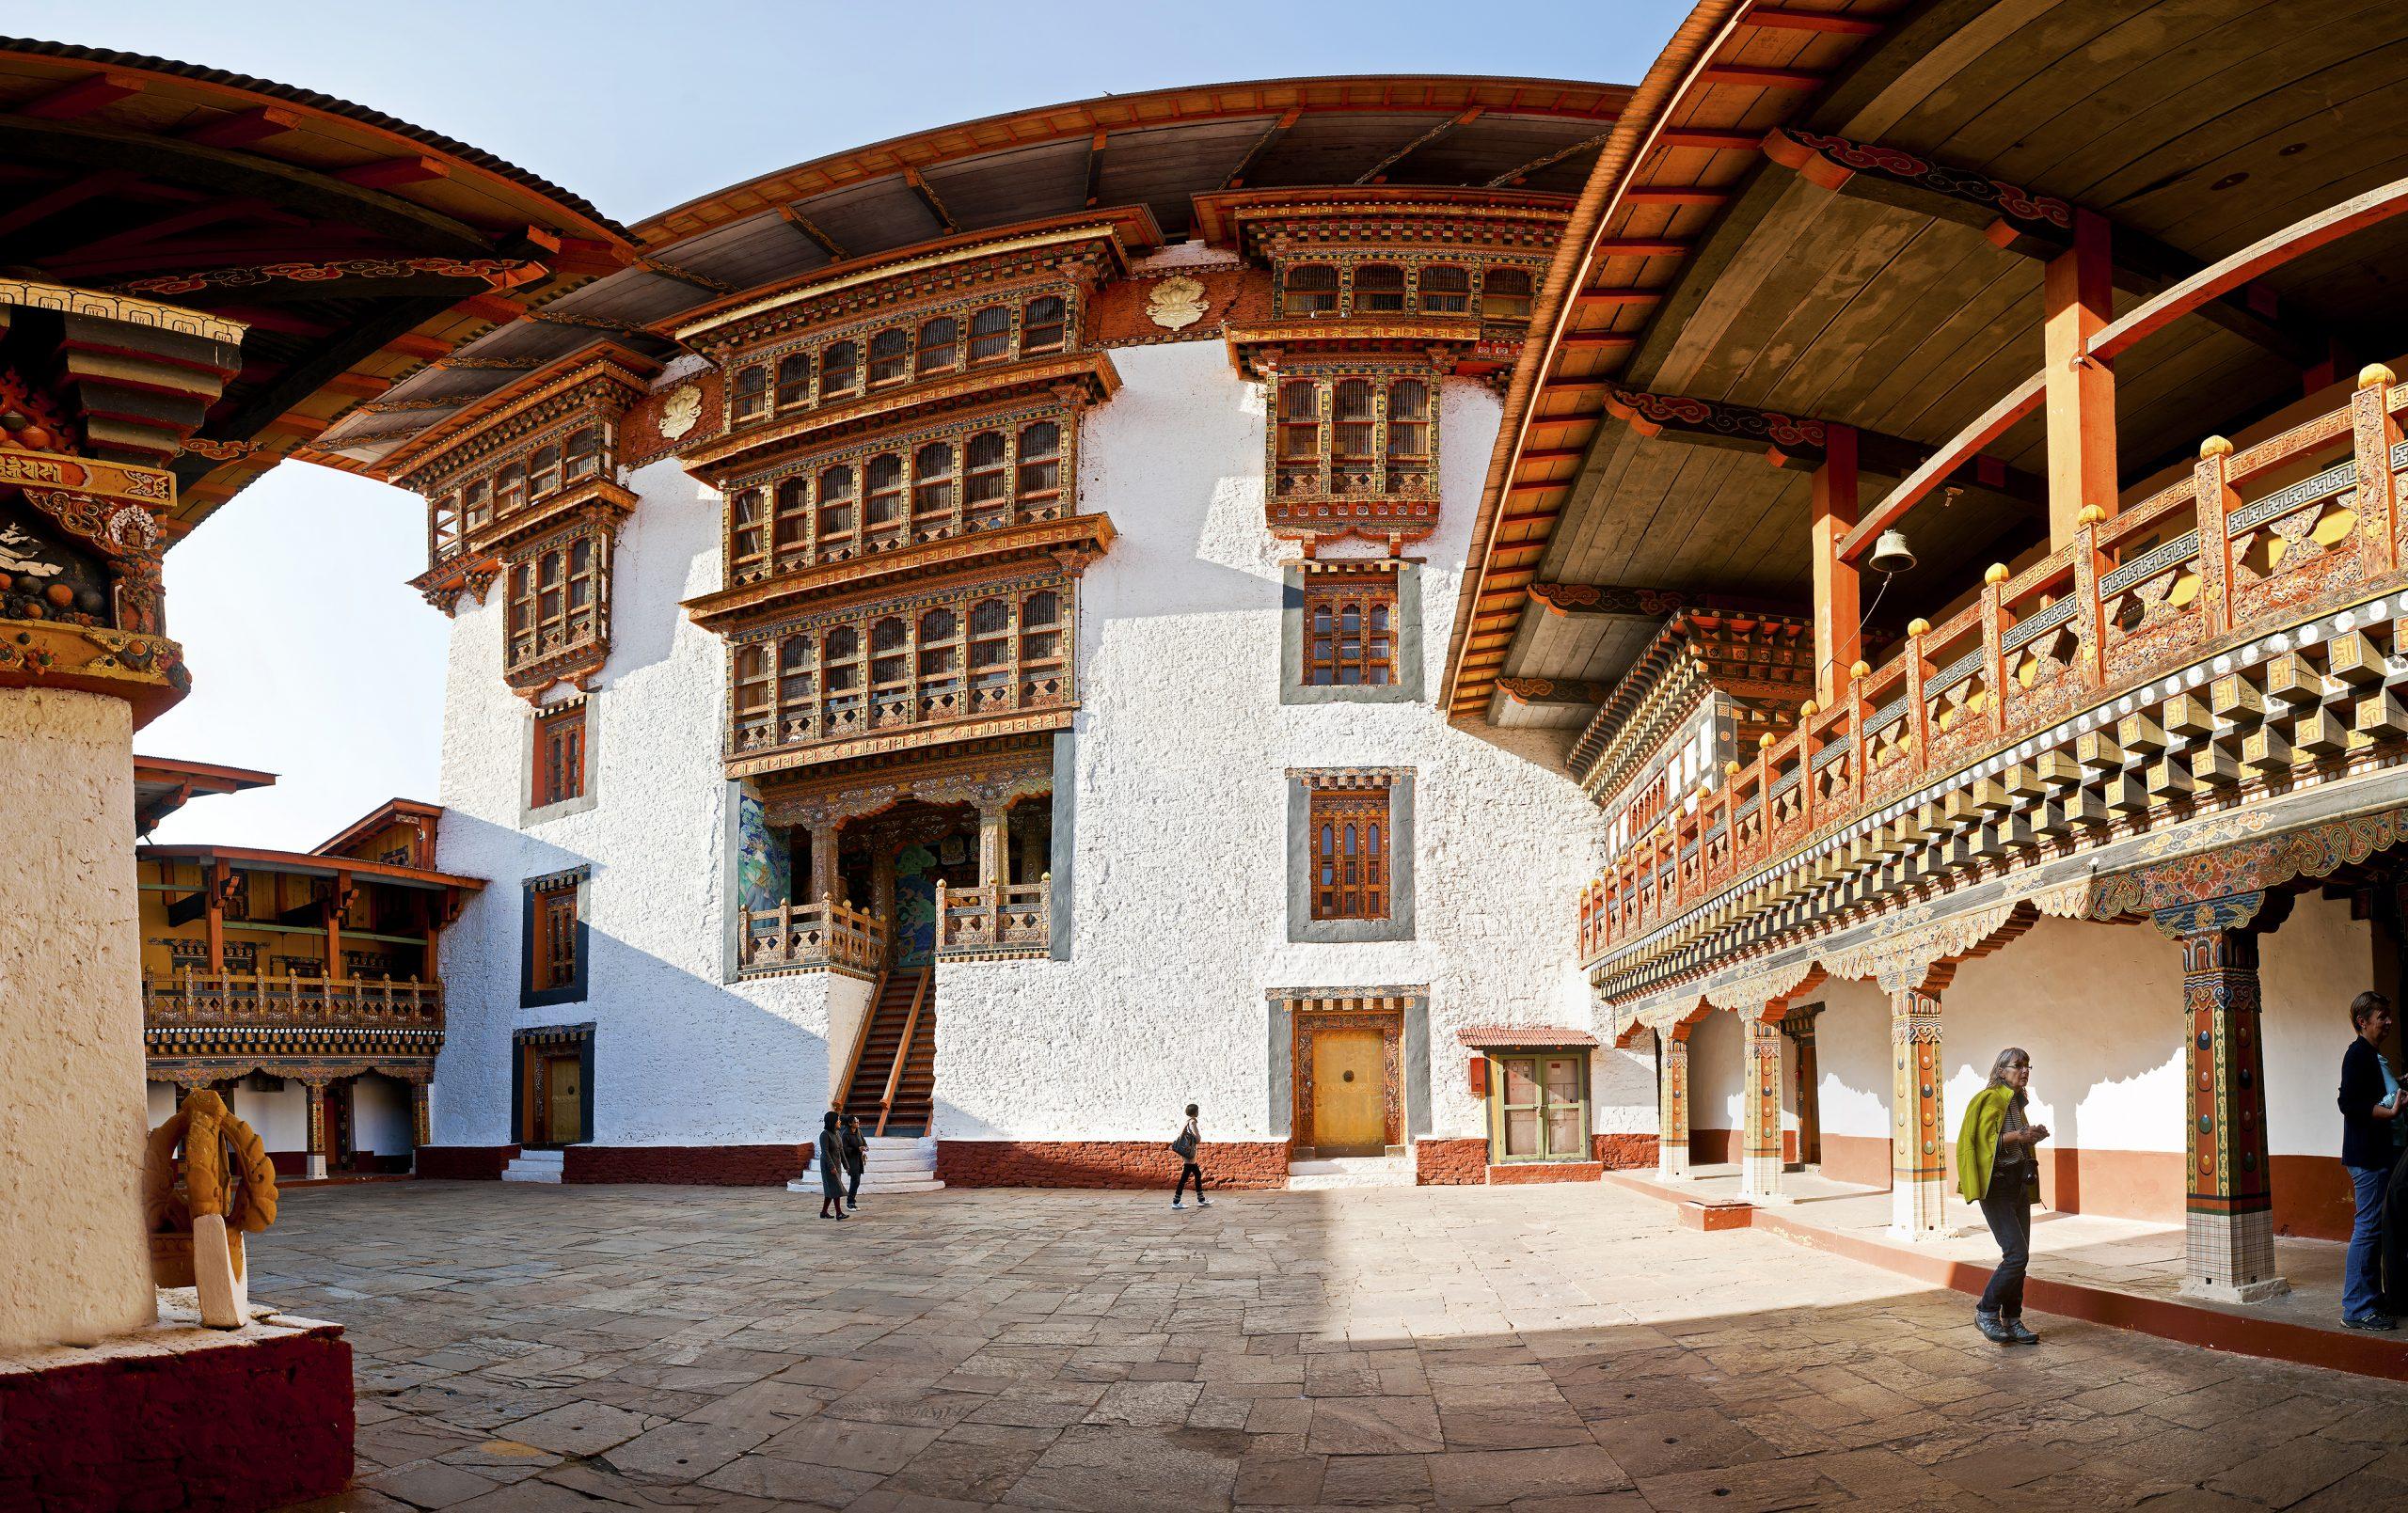 Taste of Bhutan | Punakha Dzong, Bhutan